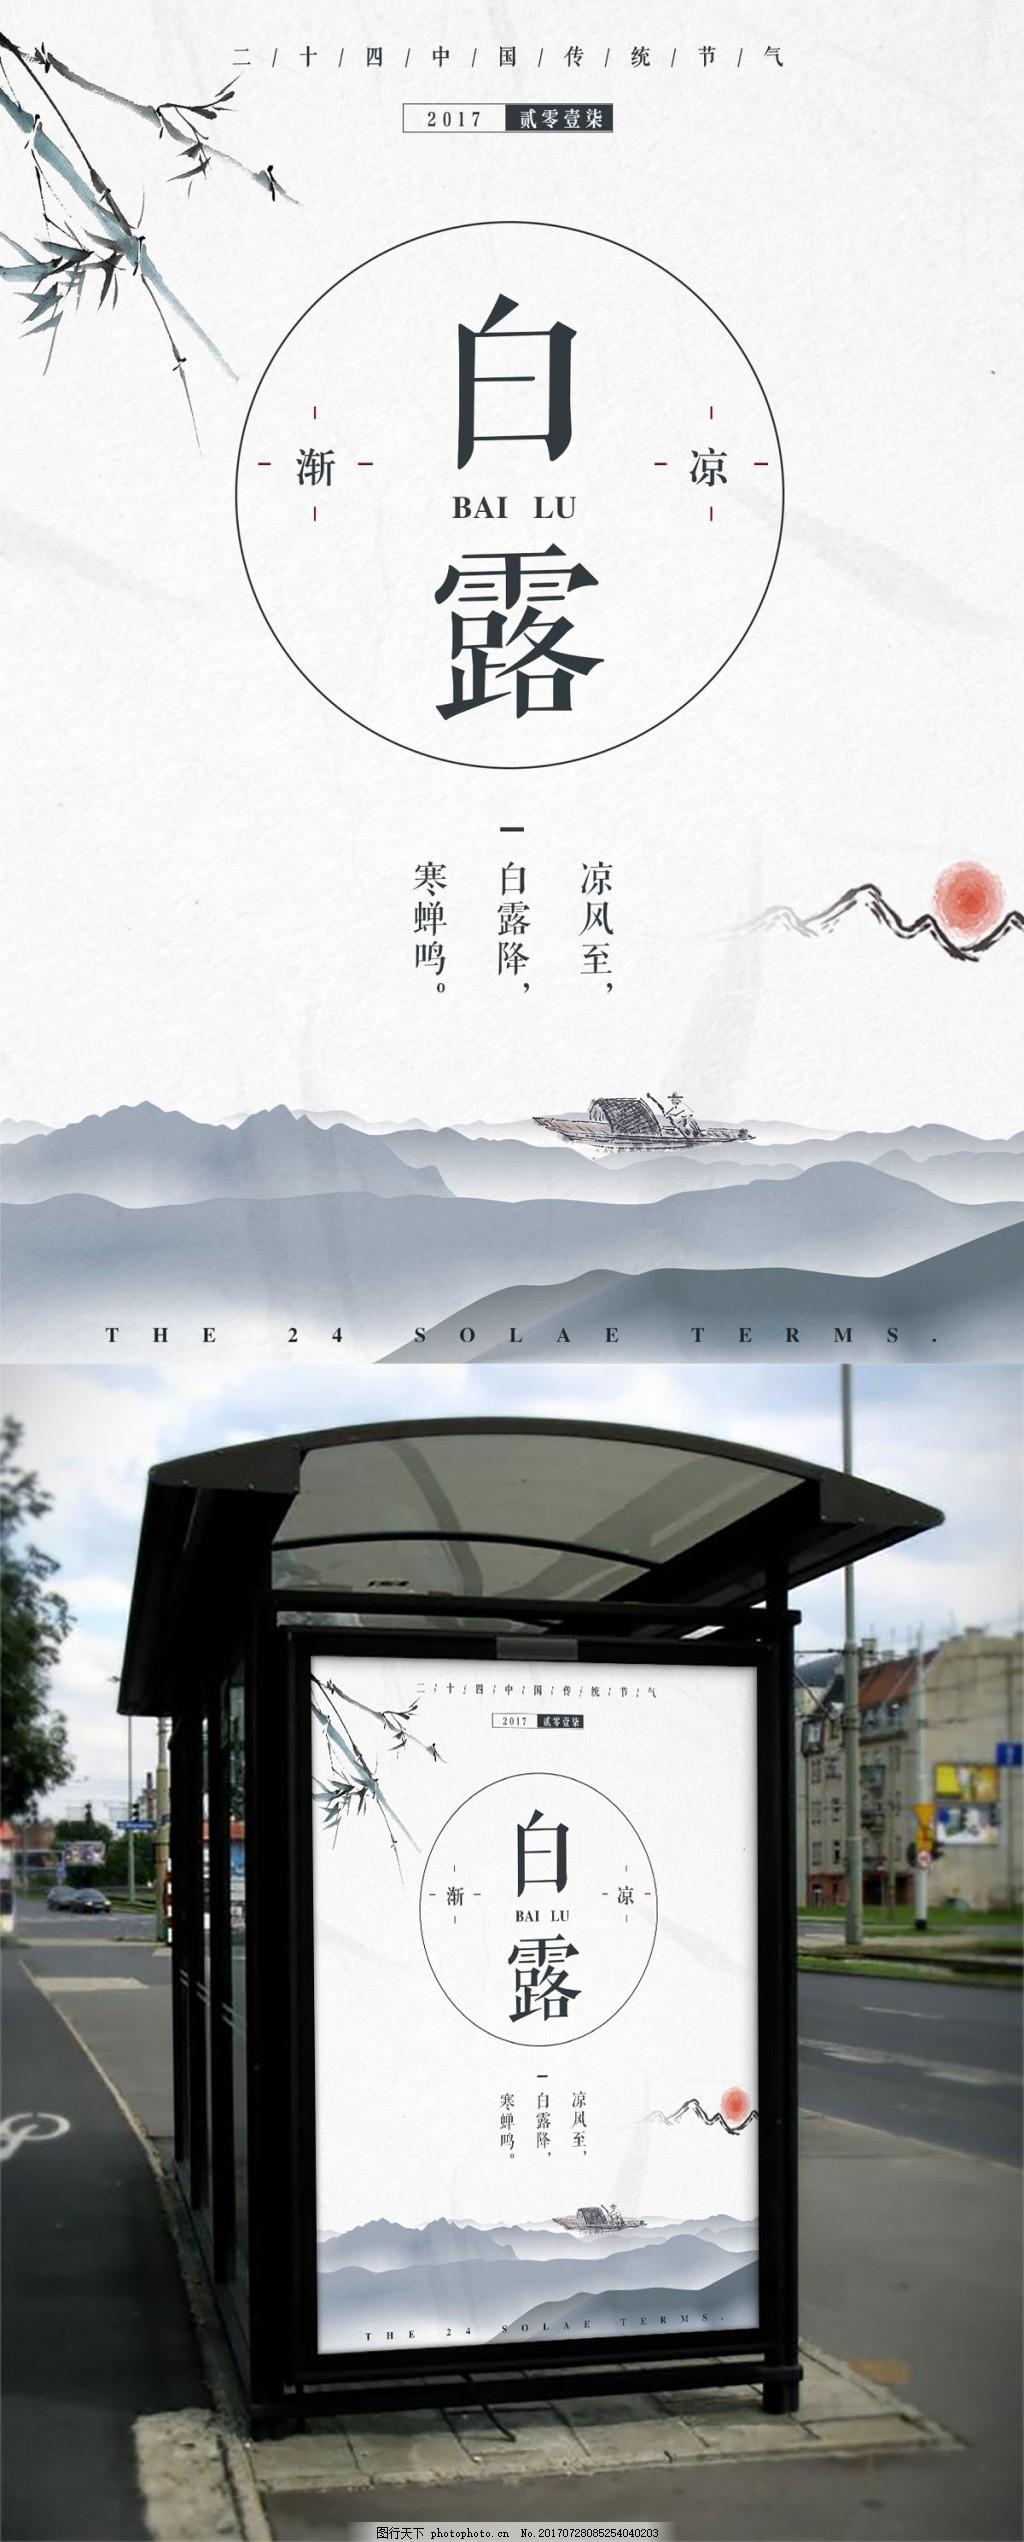 白露二十四节气水墨中国风海报设计微信配图